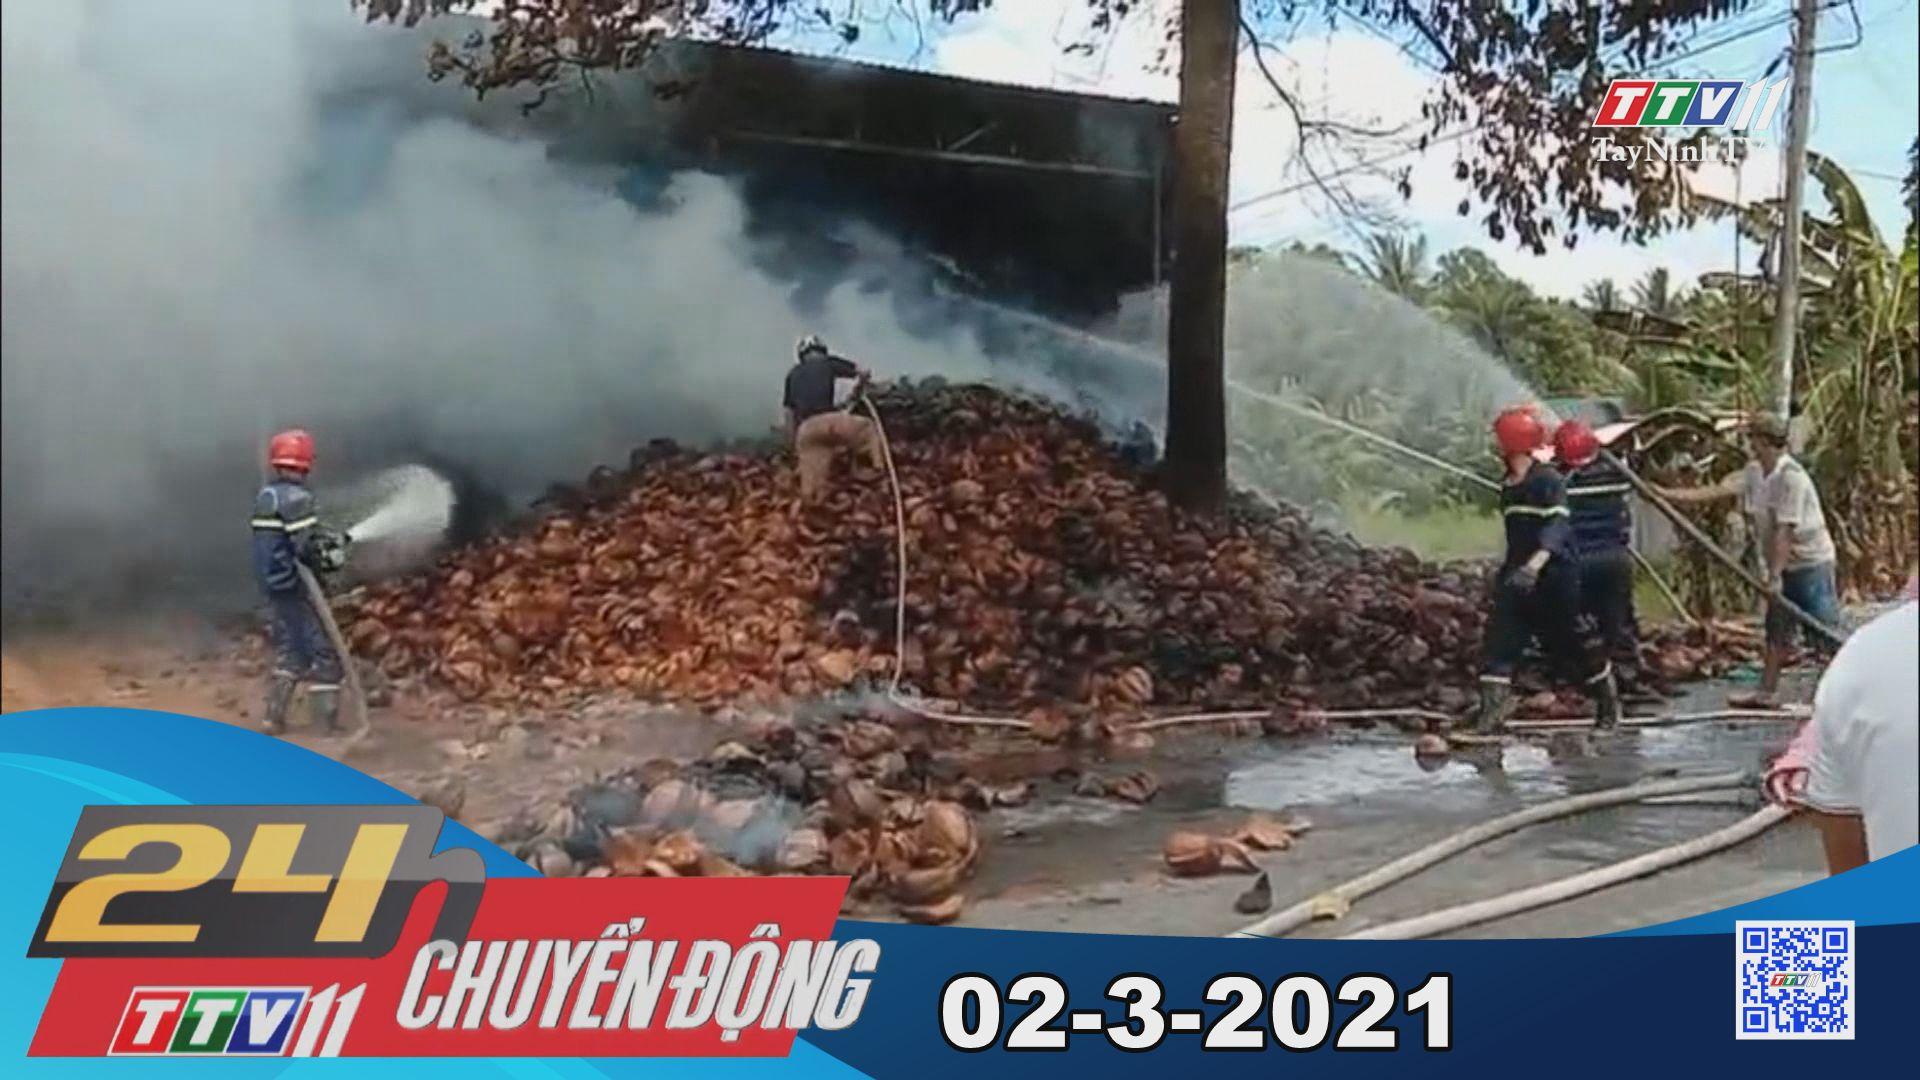 24h Chuyển động 02-3-2021 | Tin tức hôm nay | TayNinhTV